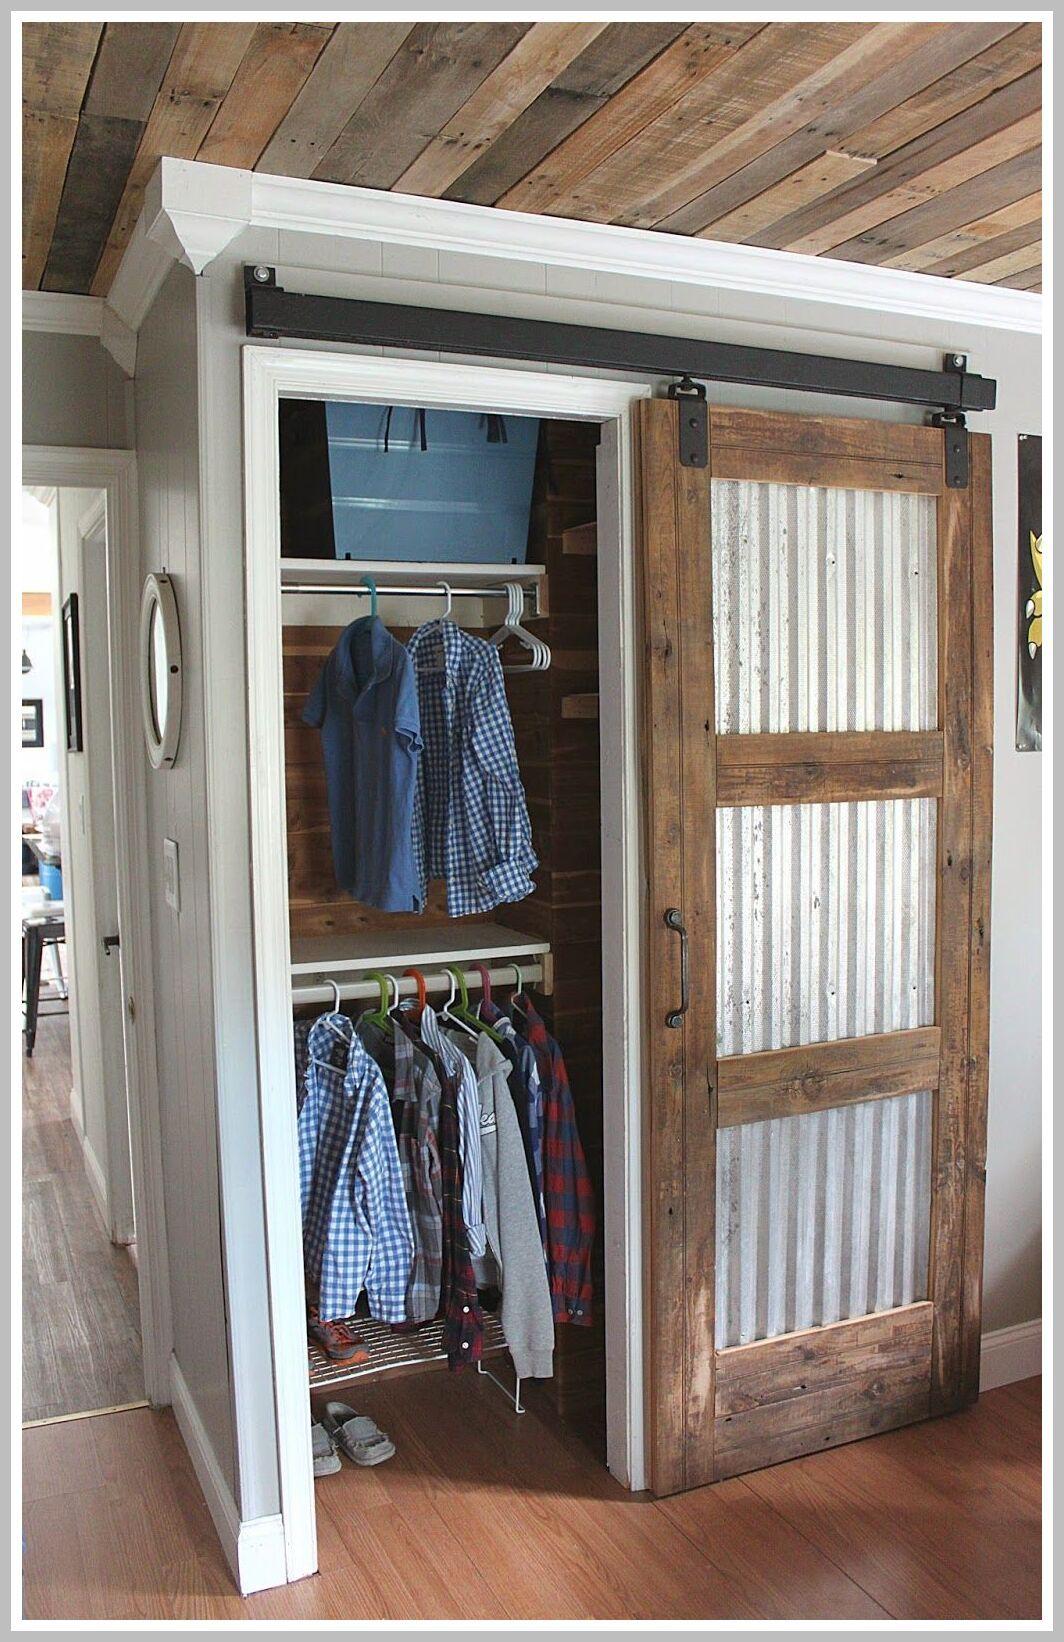 61 Reference Of Replace Bedroom Door With Barn Door Diy Barn Door Track Diy Screen Door Sliding Bathroom Doors